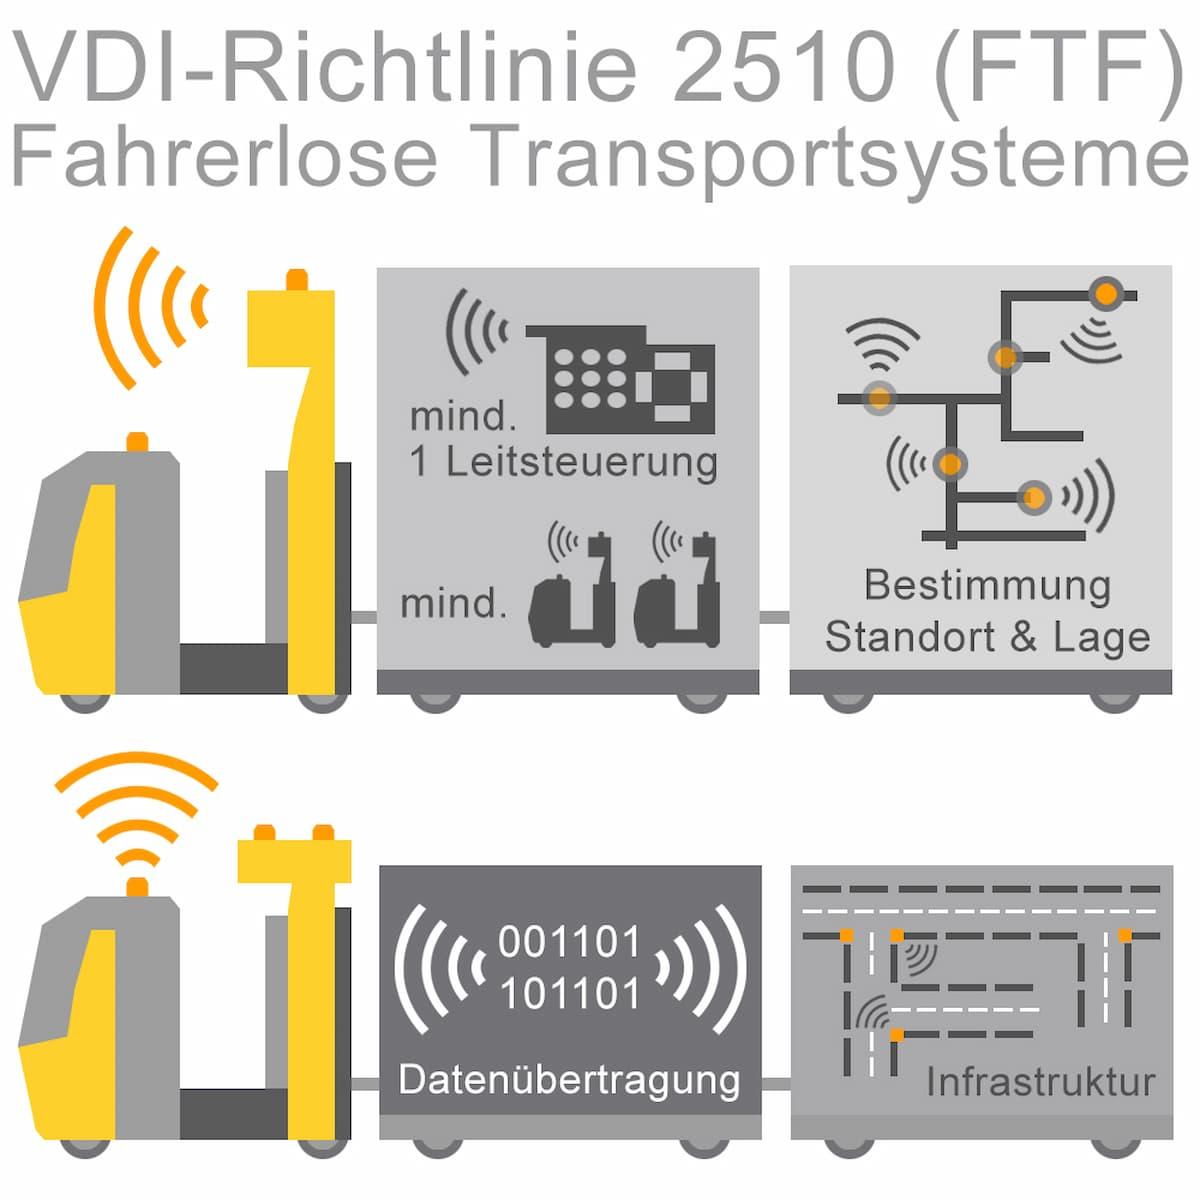 VDI-RIchtlinie 2510 (FTF) Fahrerlose Transportsysteme